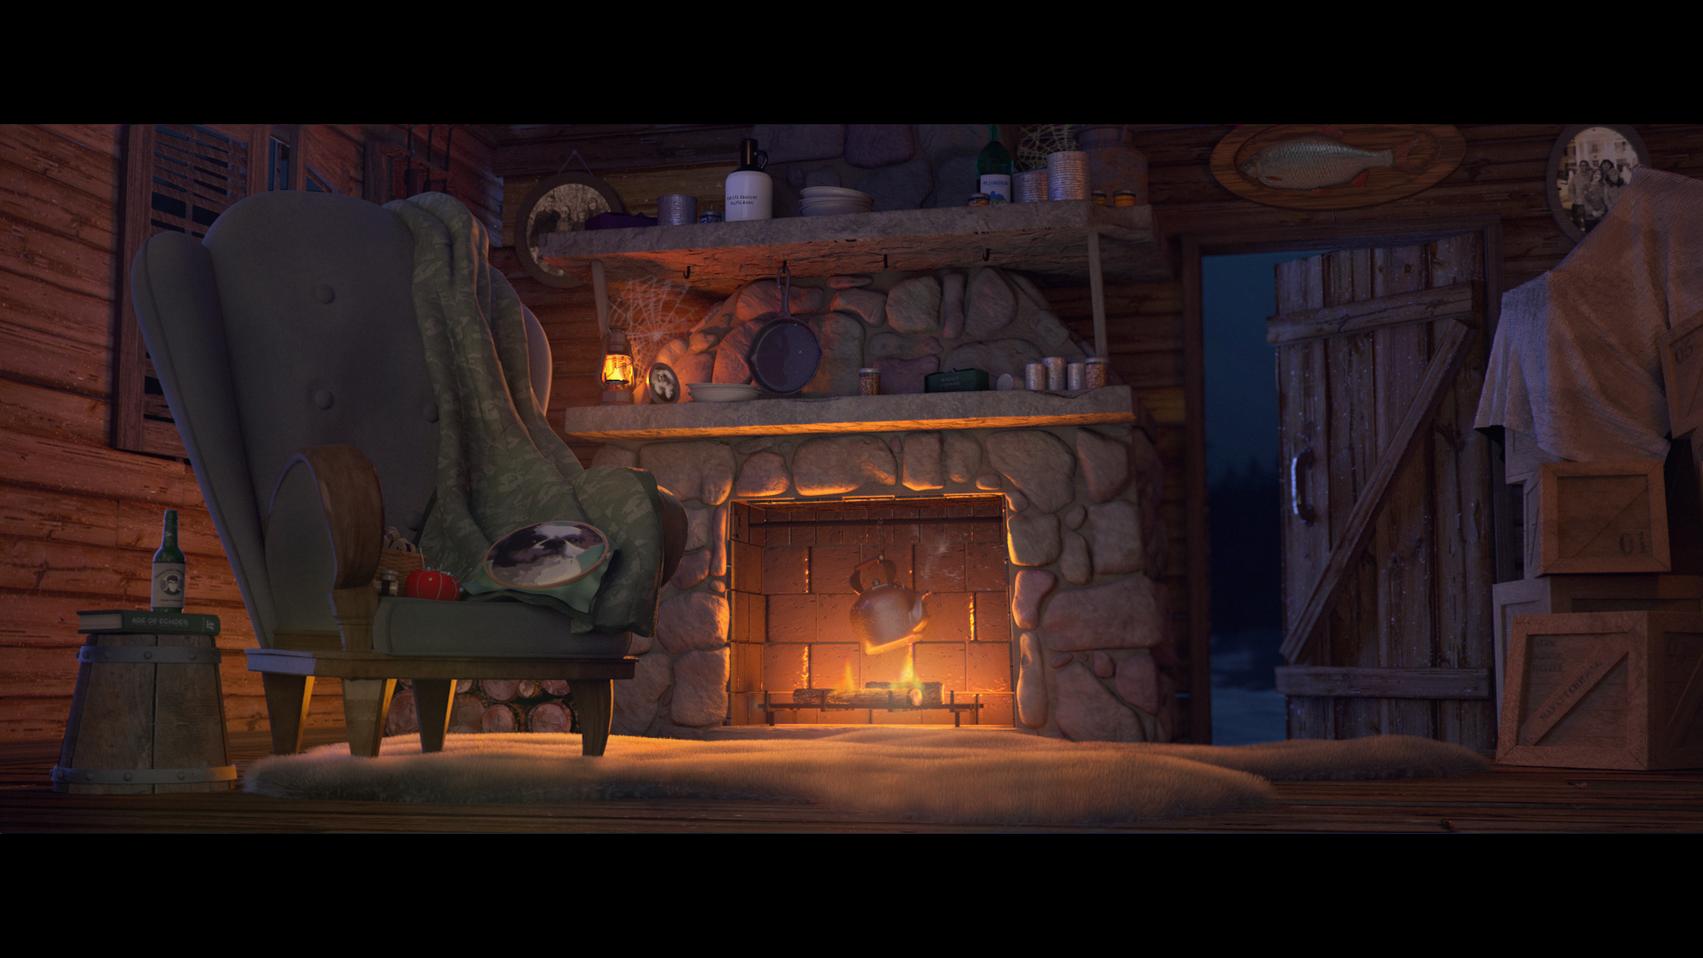 """Textured and lit scene.  Model by Taylor Schulze and Alyssa Minko © Disney / Pixar - RenderMan """"Rustic Cabin"""" Art Challenge"""